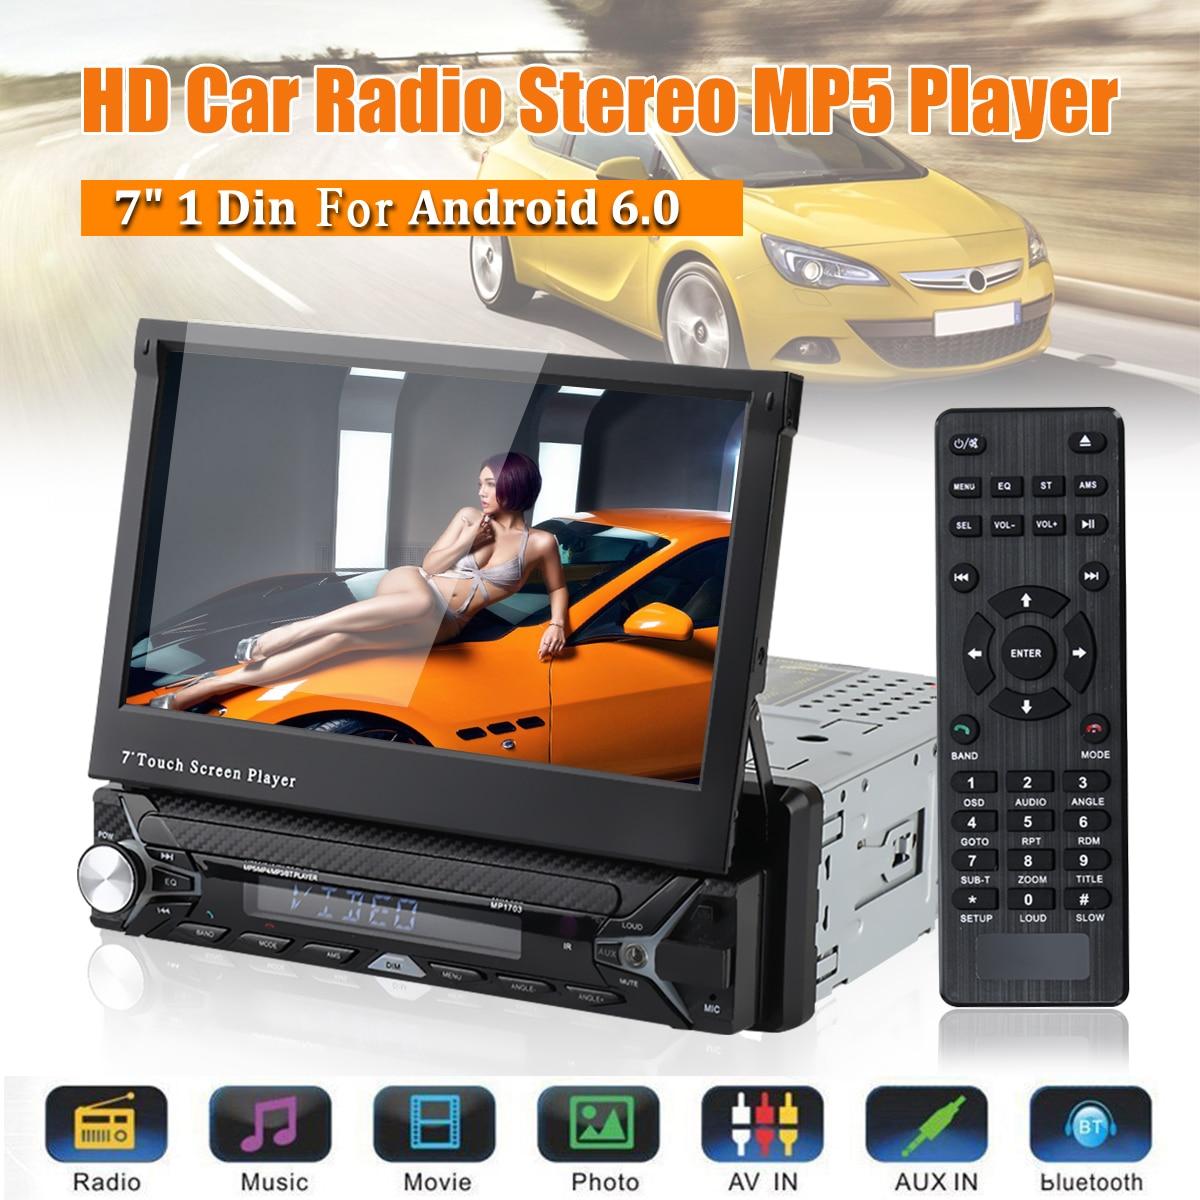 Lecteur multimédia de voiture autoradio 7 pouces 1 Din Quad Core Android 6.0 lecteur de voiture WIFI GPS lecteur stéréo bluetooth Radio Indash